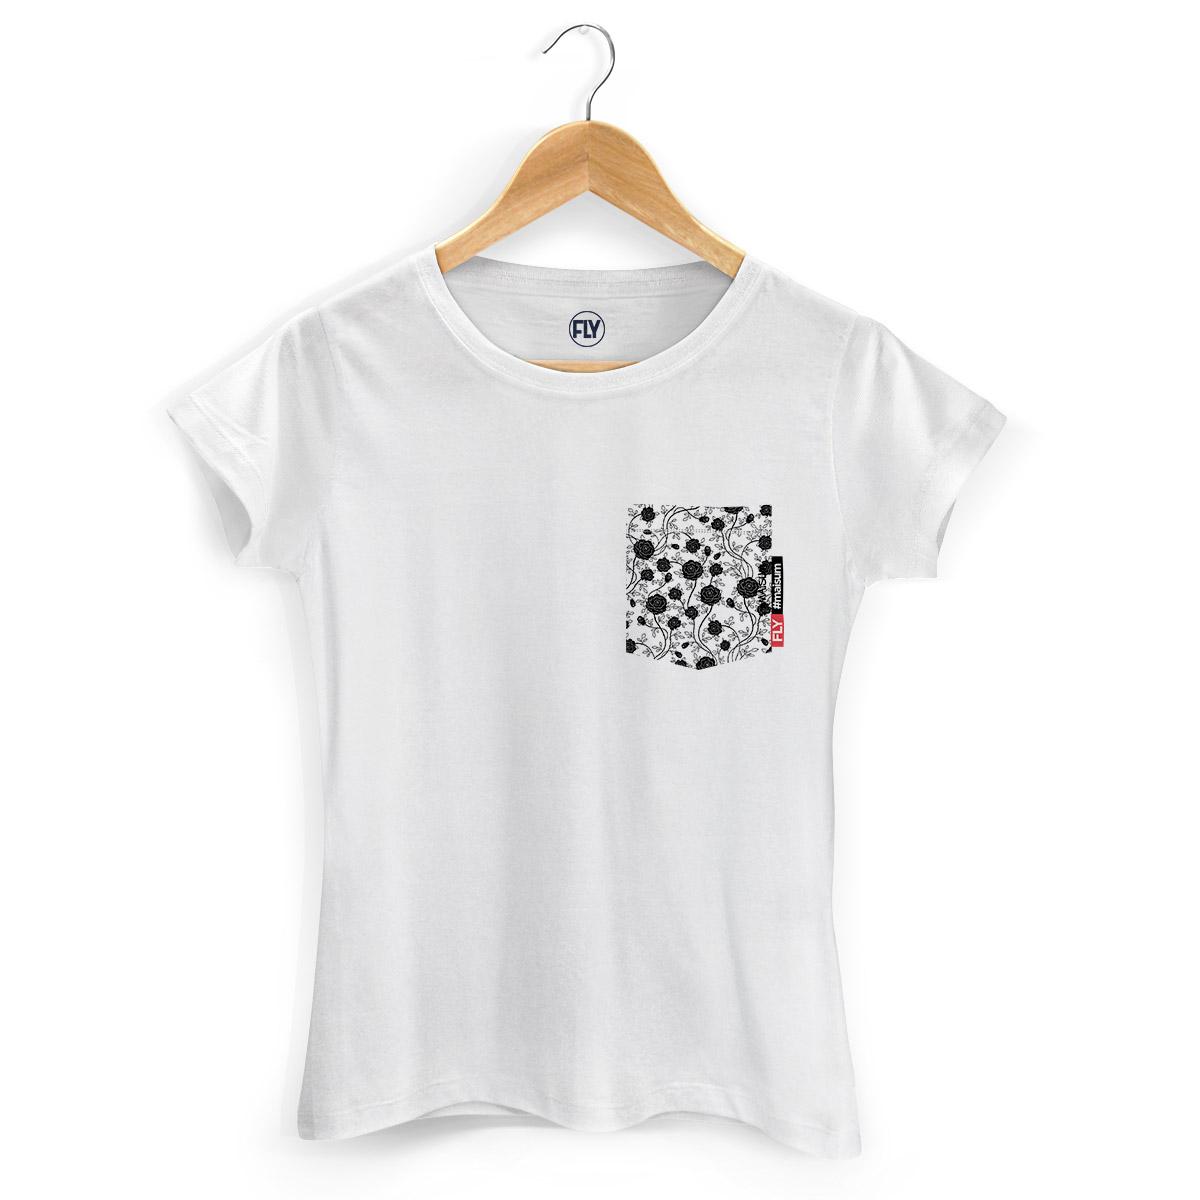 Camiseta Feminina Banda Fly Pocket